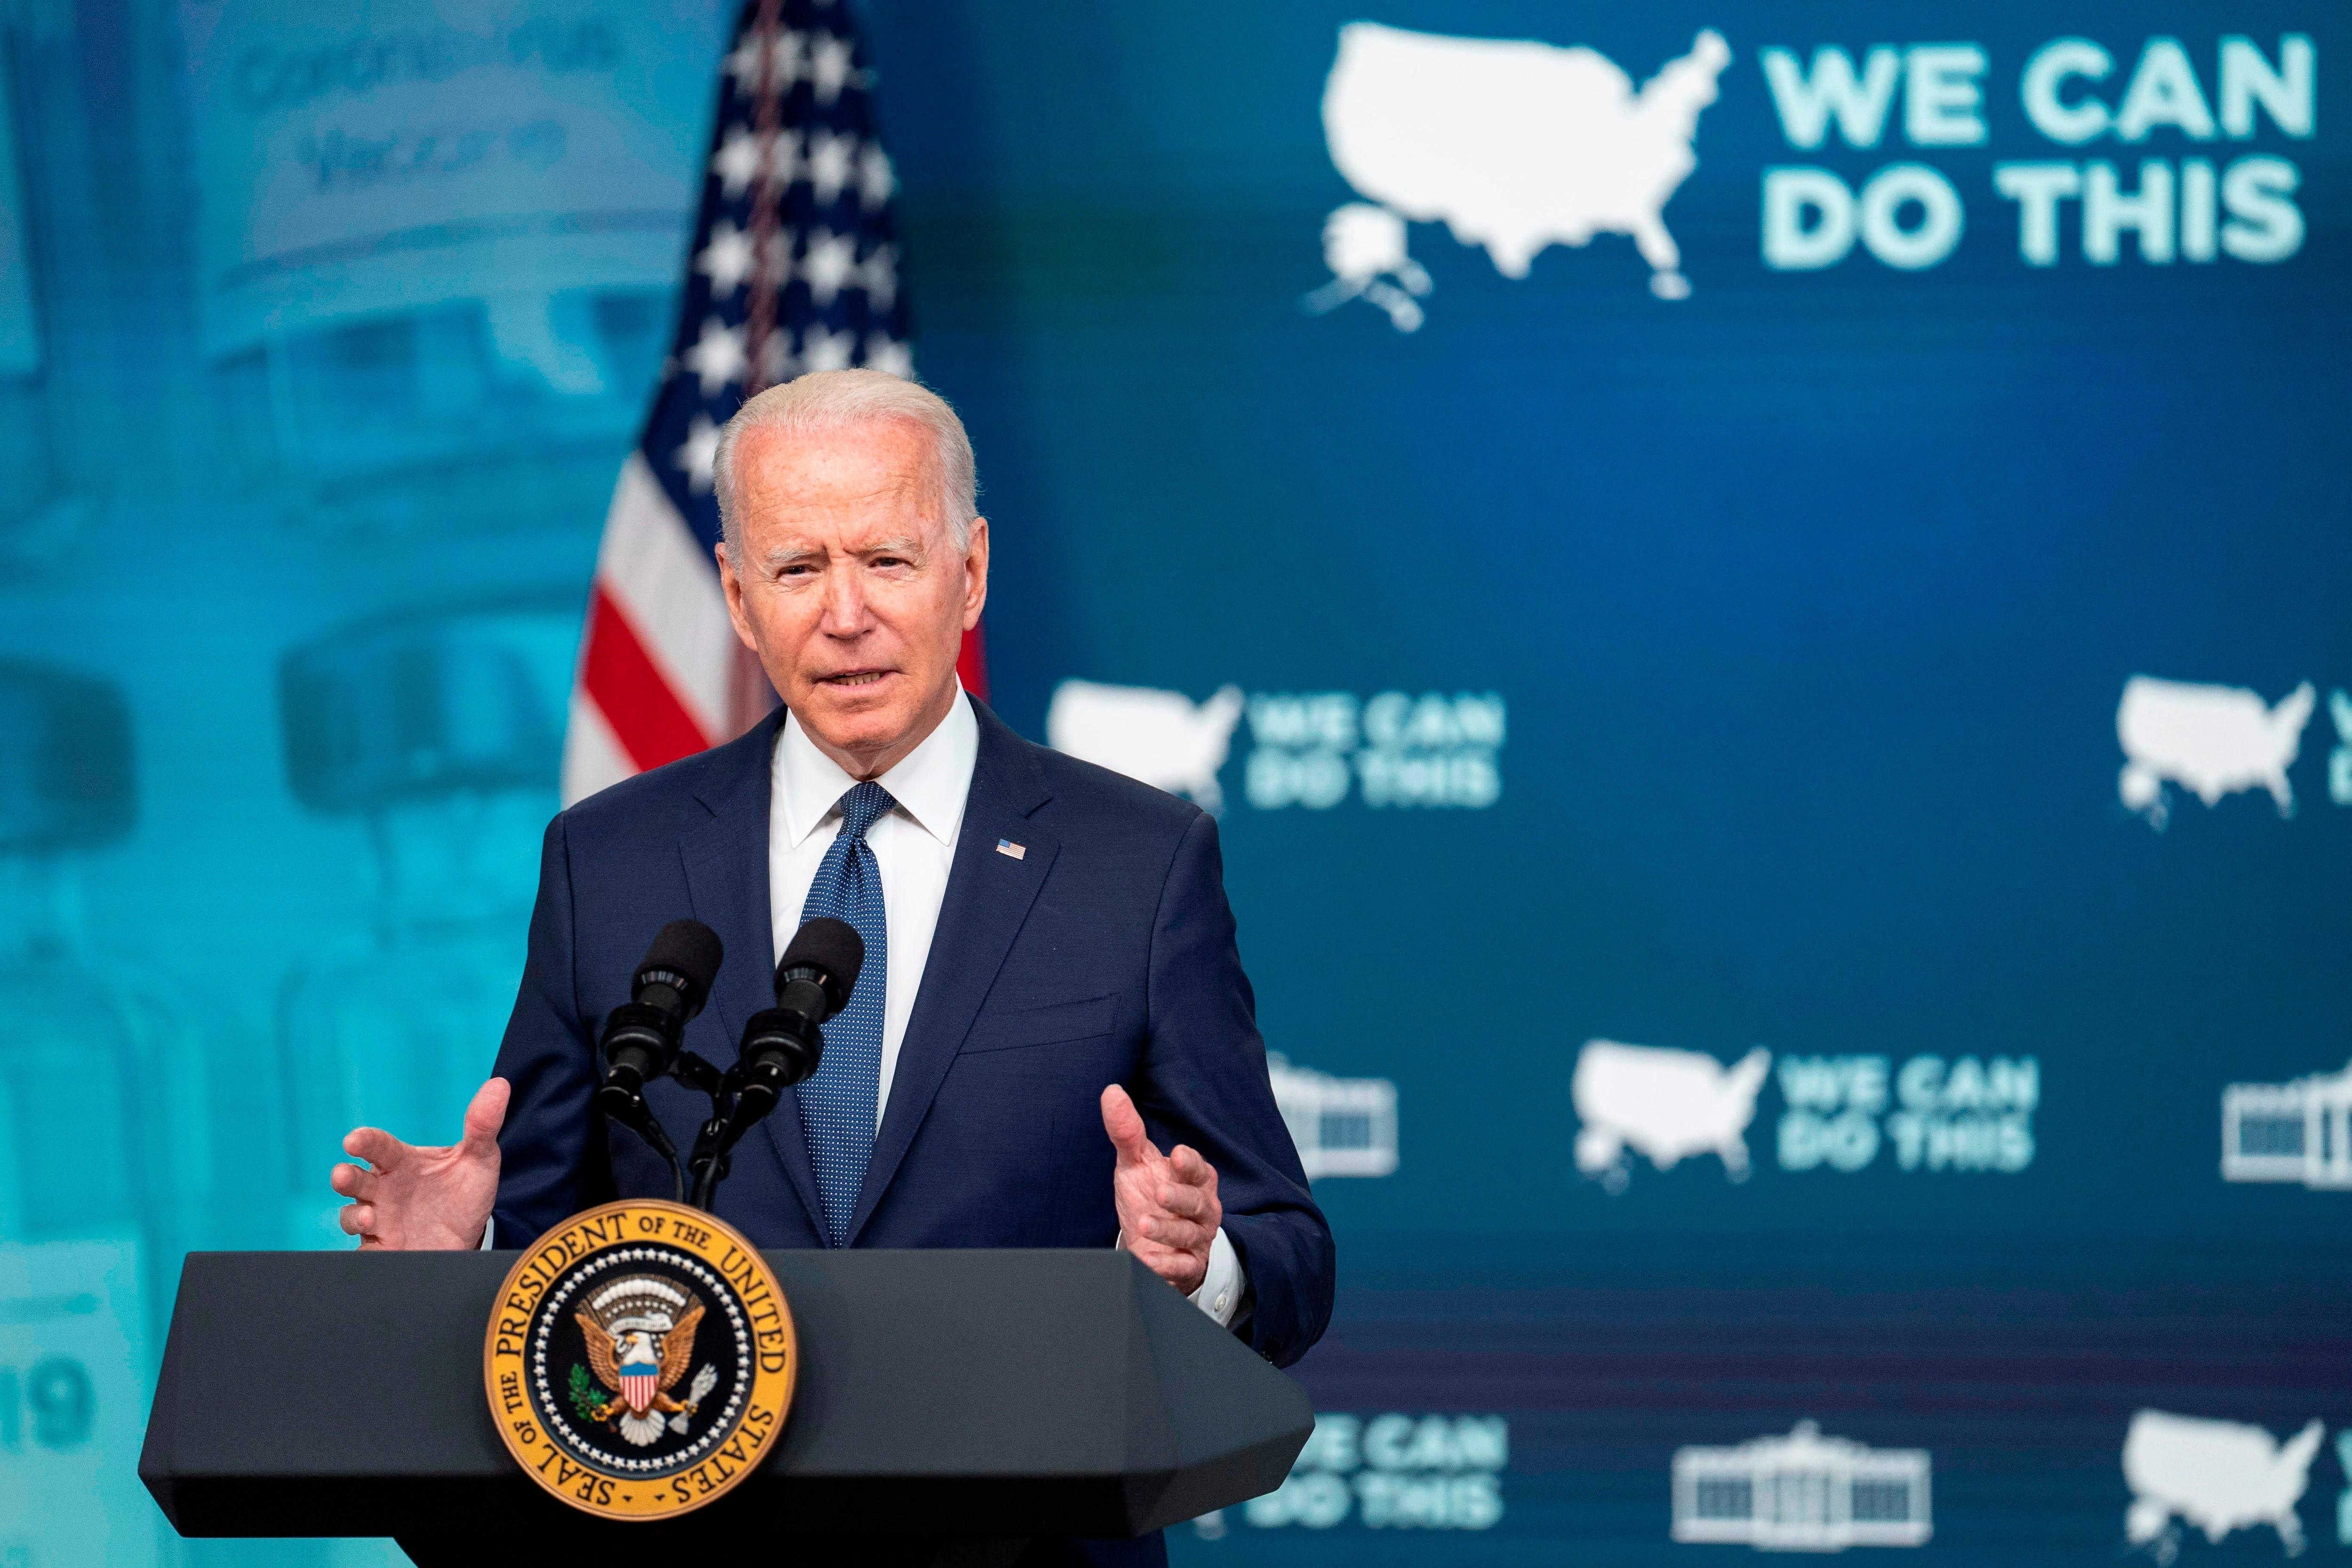 El presidente de Estados Unidos, Joe Biden, habla en conferencia de prensa en el Eisenhower Executive Office Building, en Washington (EE.UU.). EFE/EPA/SARAH SILBIGER/POOL